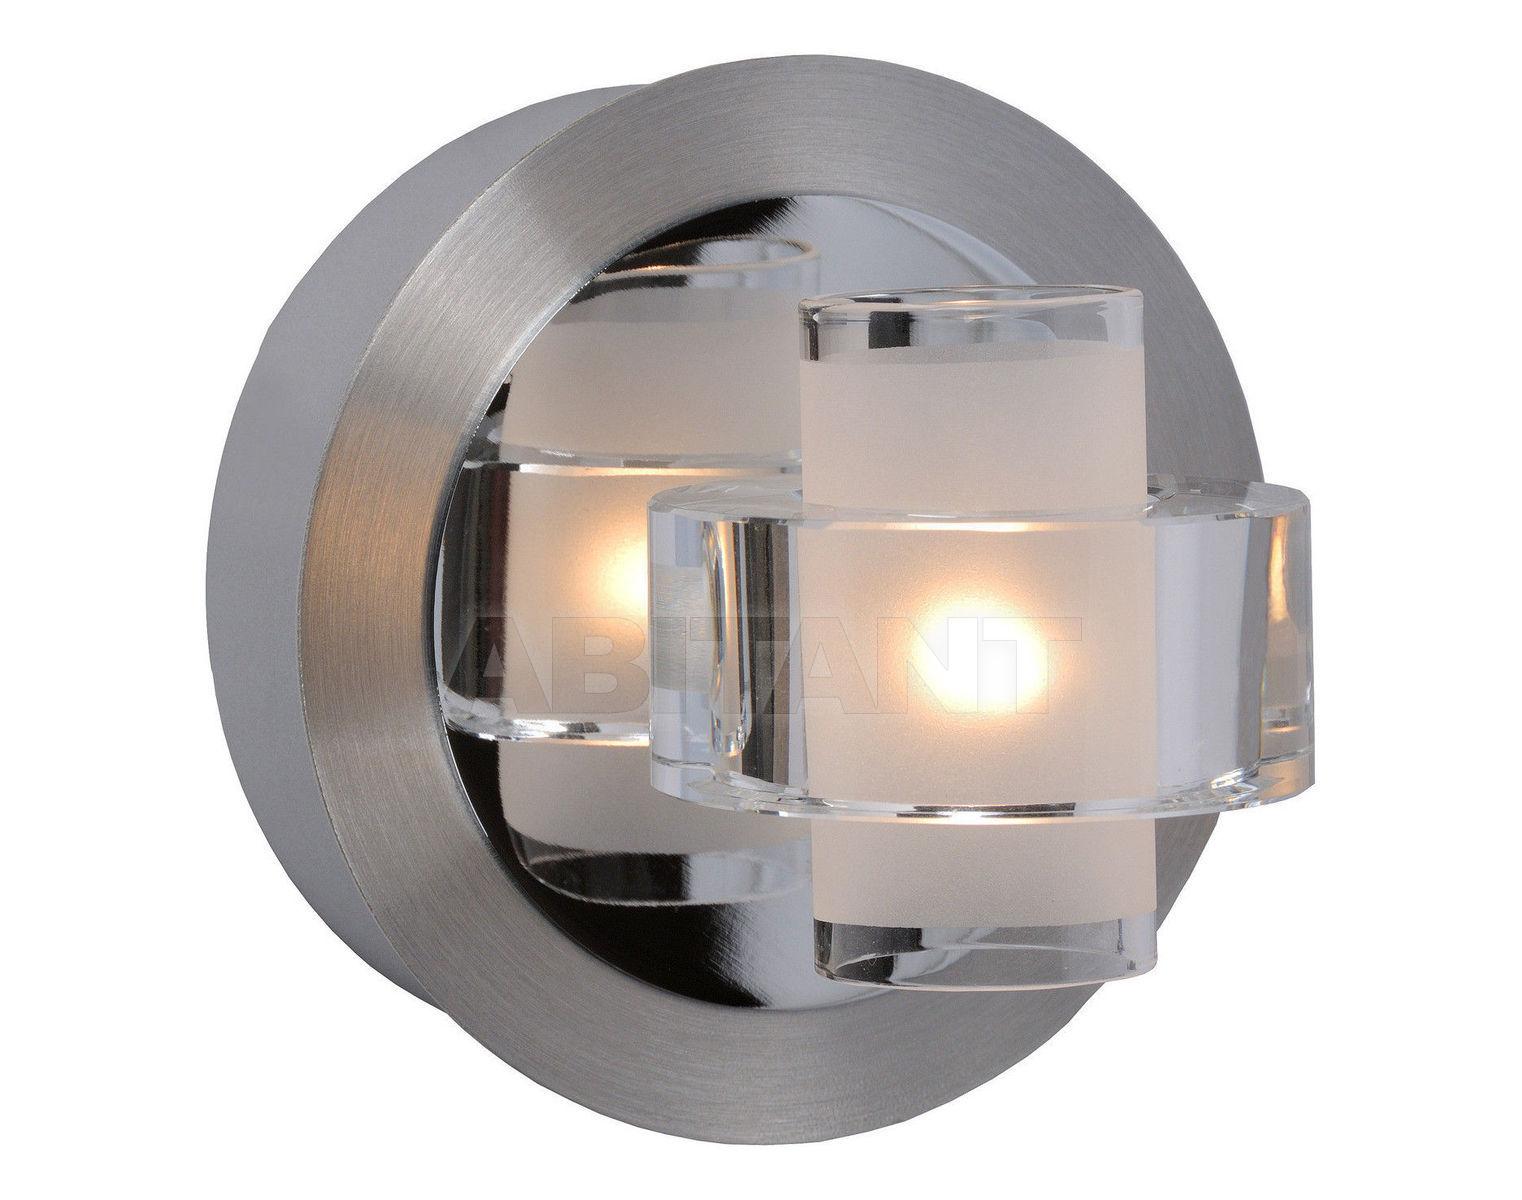 Купить Светильник-спот BOOGY Lucide  Ceiling & Wall Lights 12902/21/12